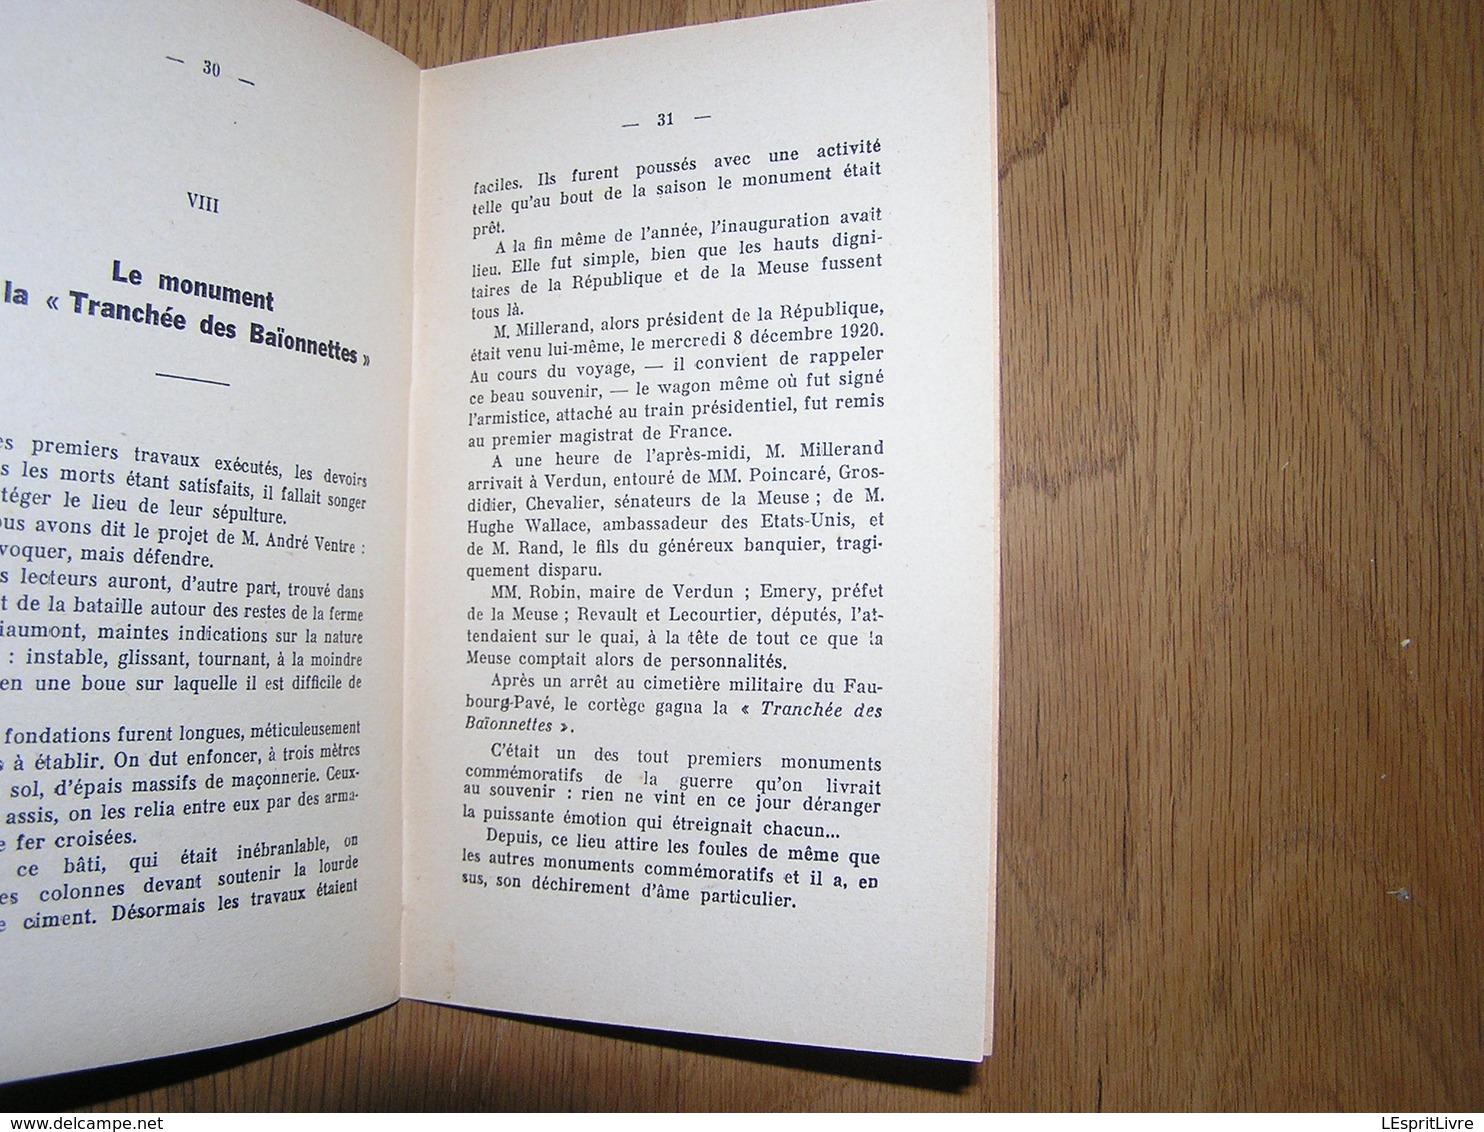 LA TRANCHEE DES BAIONNETTES Son Histoire Guerre 1914 1918 Fort Douaumont Verdun Vendéens Bretons Poilus 14 18 - Guerra 1914-18